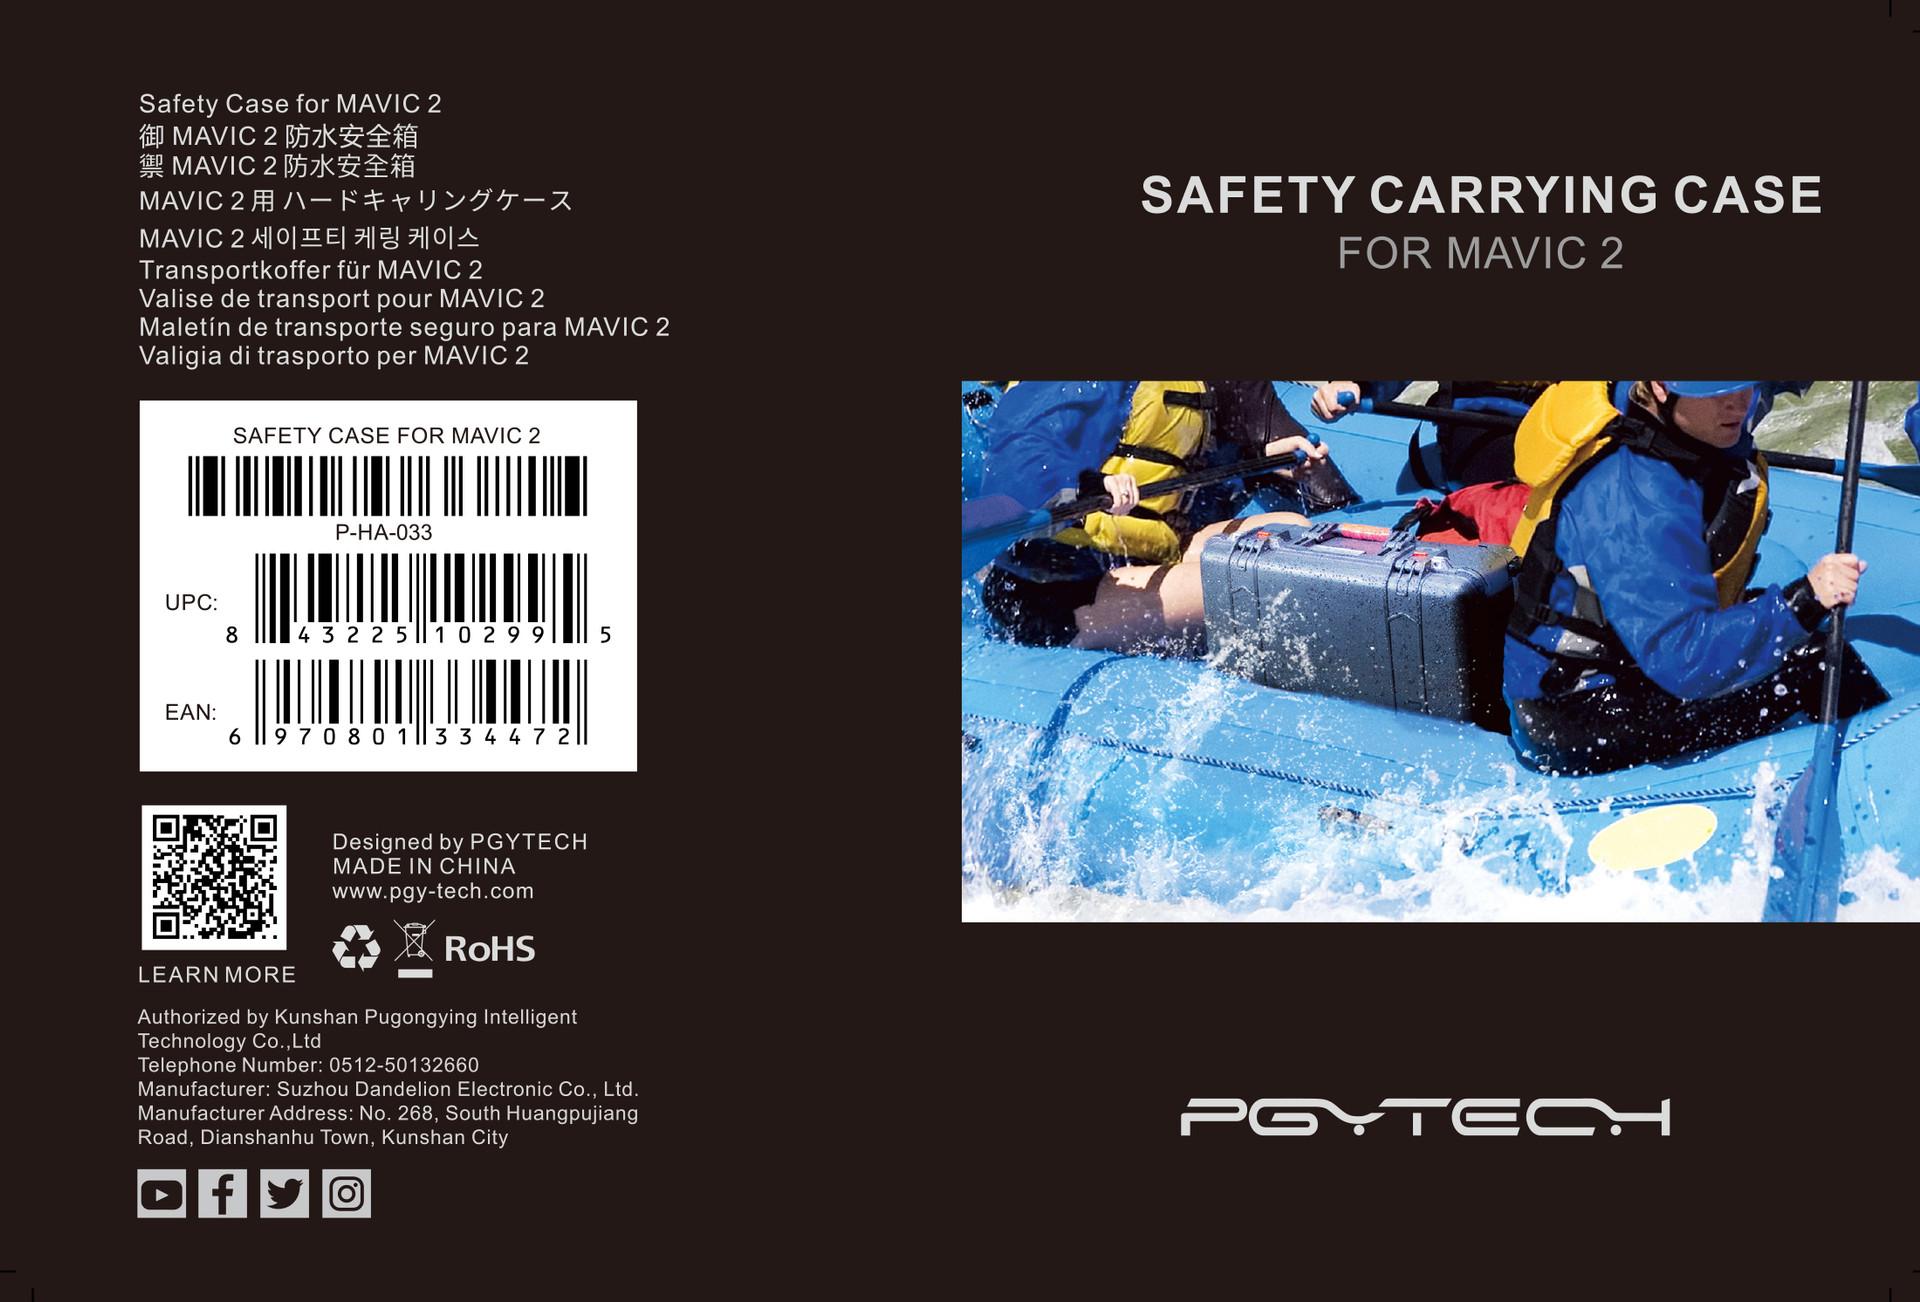 HA-防水安全箱-吊牌说明书--1.jpg